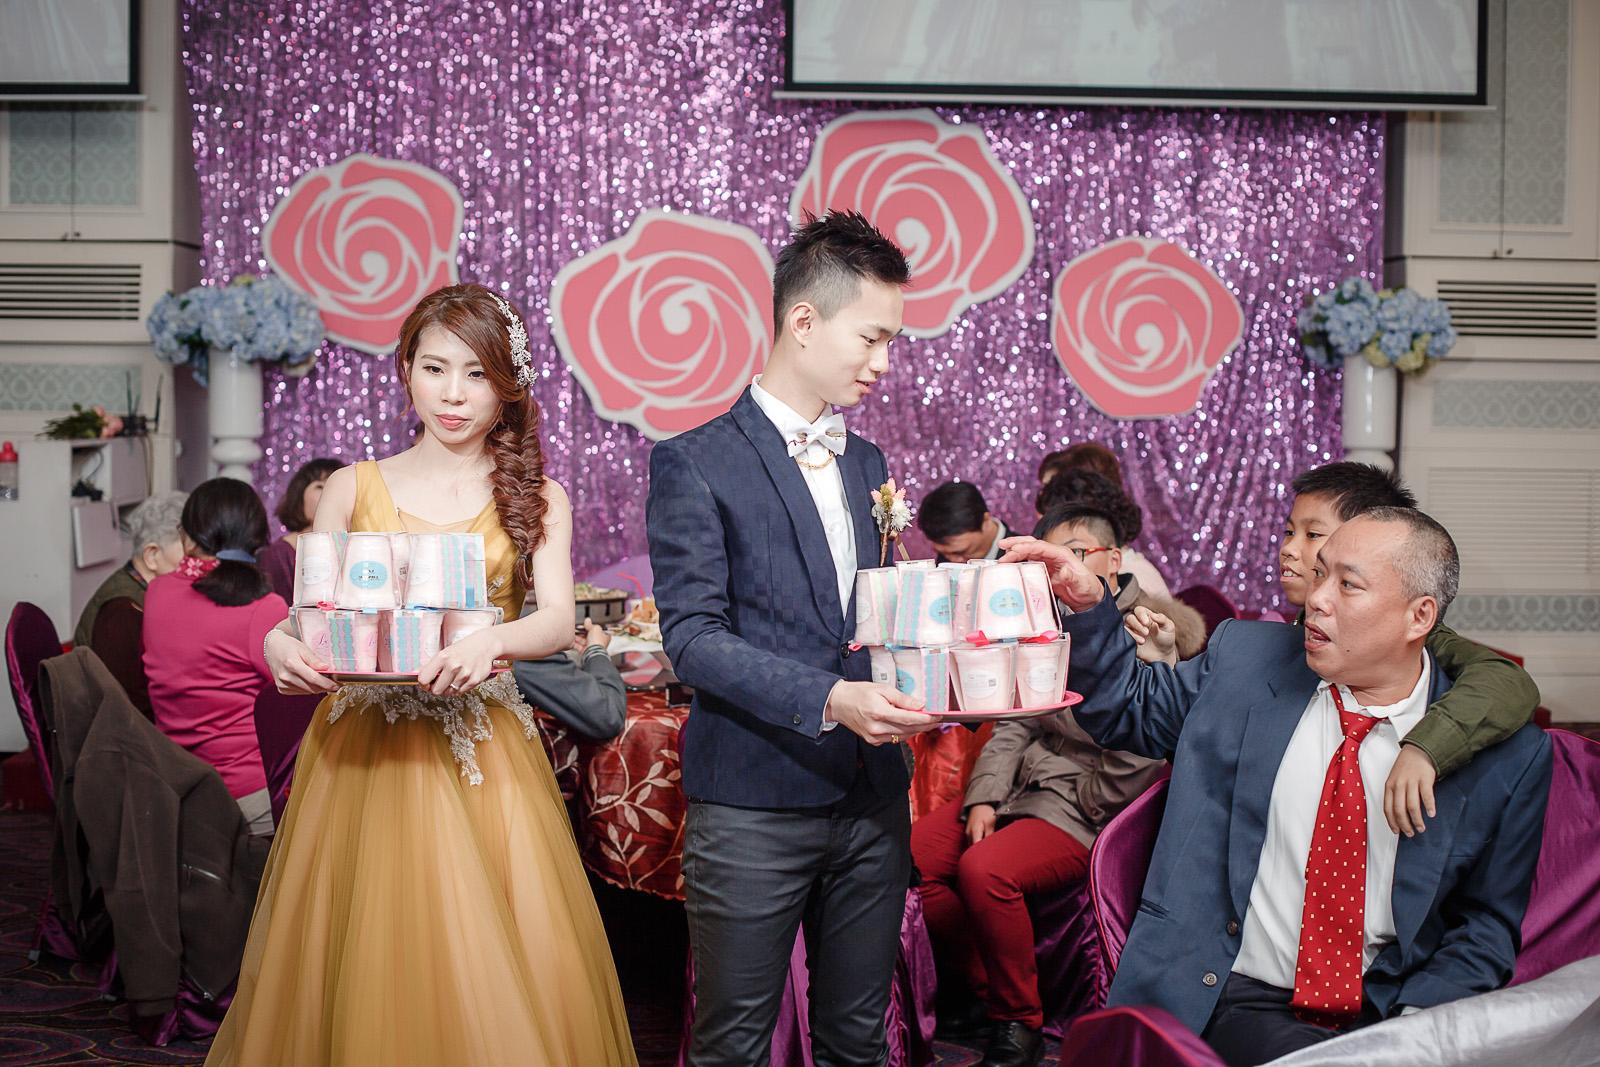 高雄圓山飯店,婚禮攝影,婚攝,高雄婚攝,優質婚攝推薦,Jen&Ethan-320